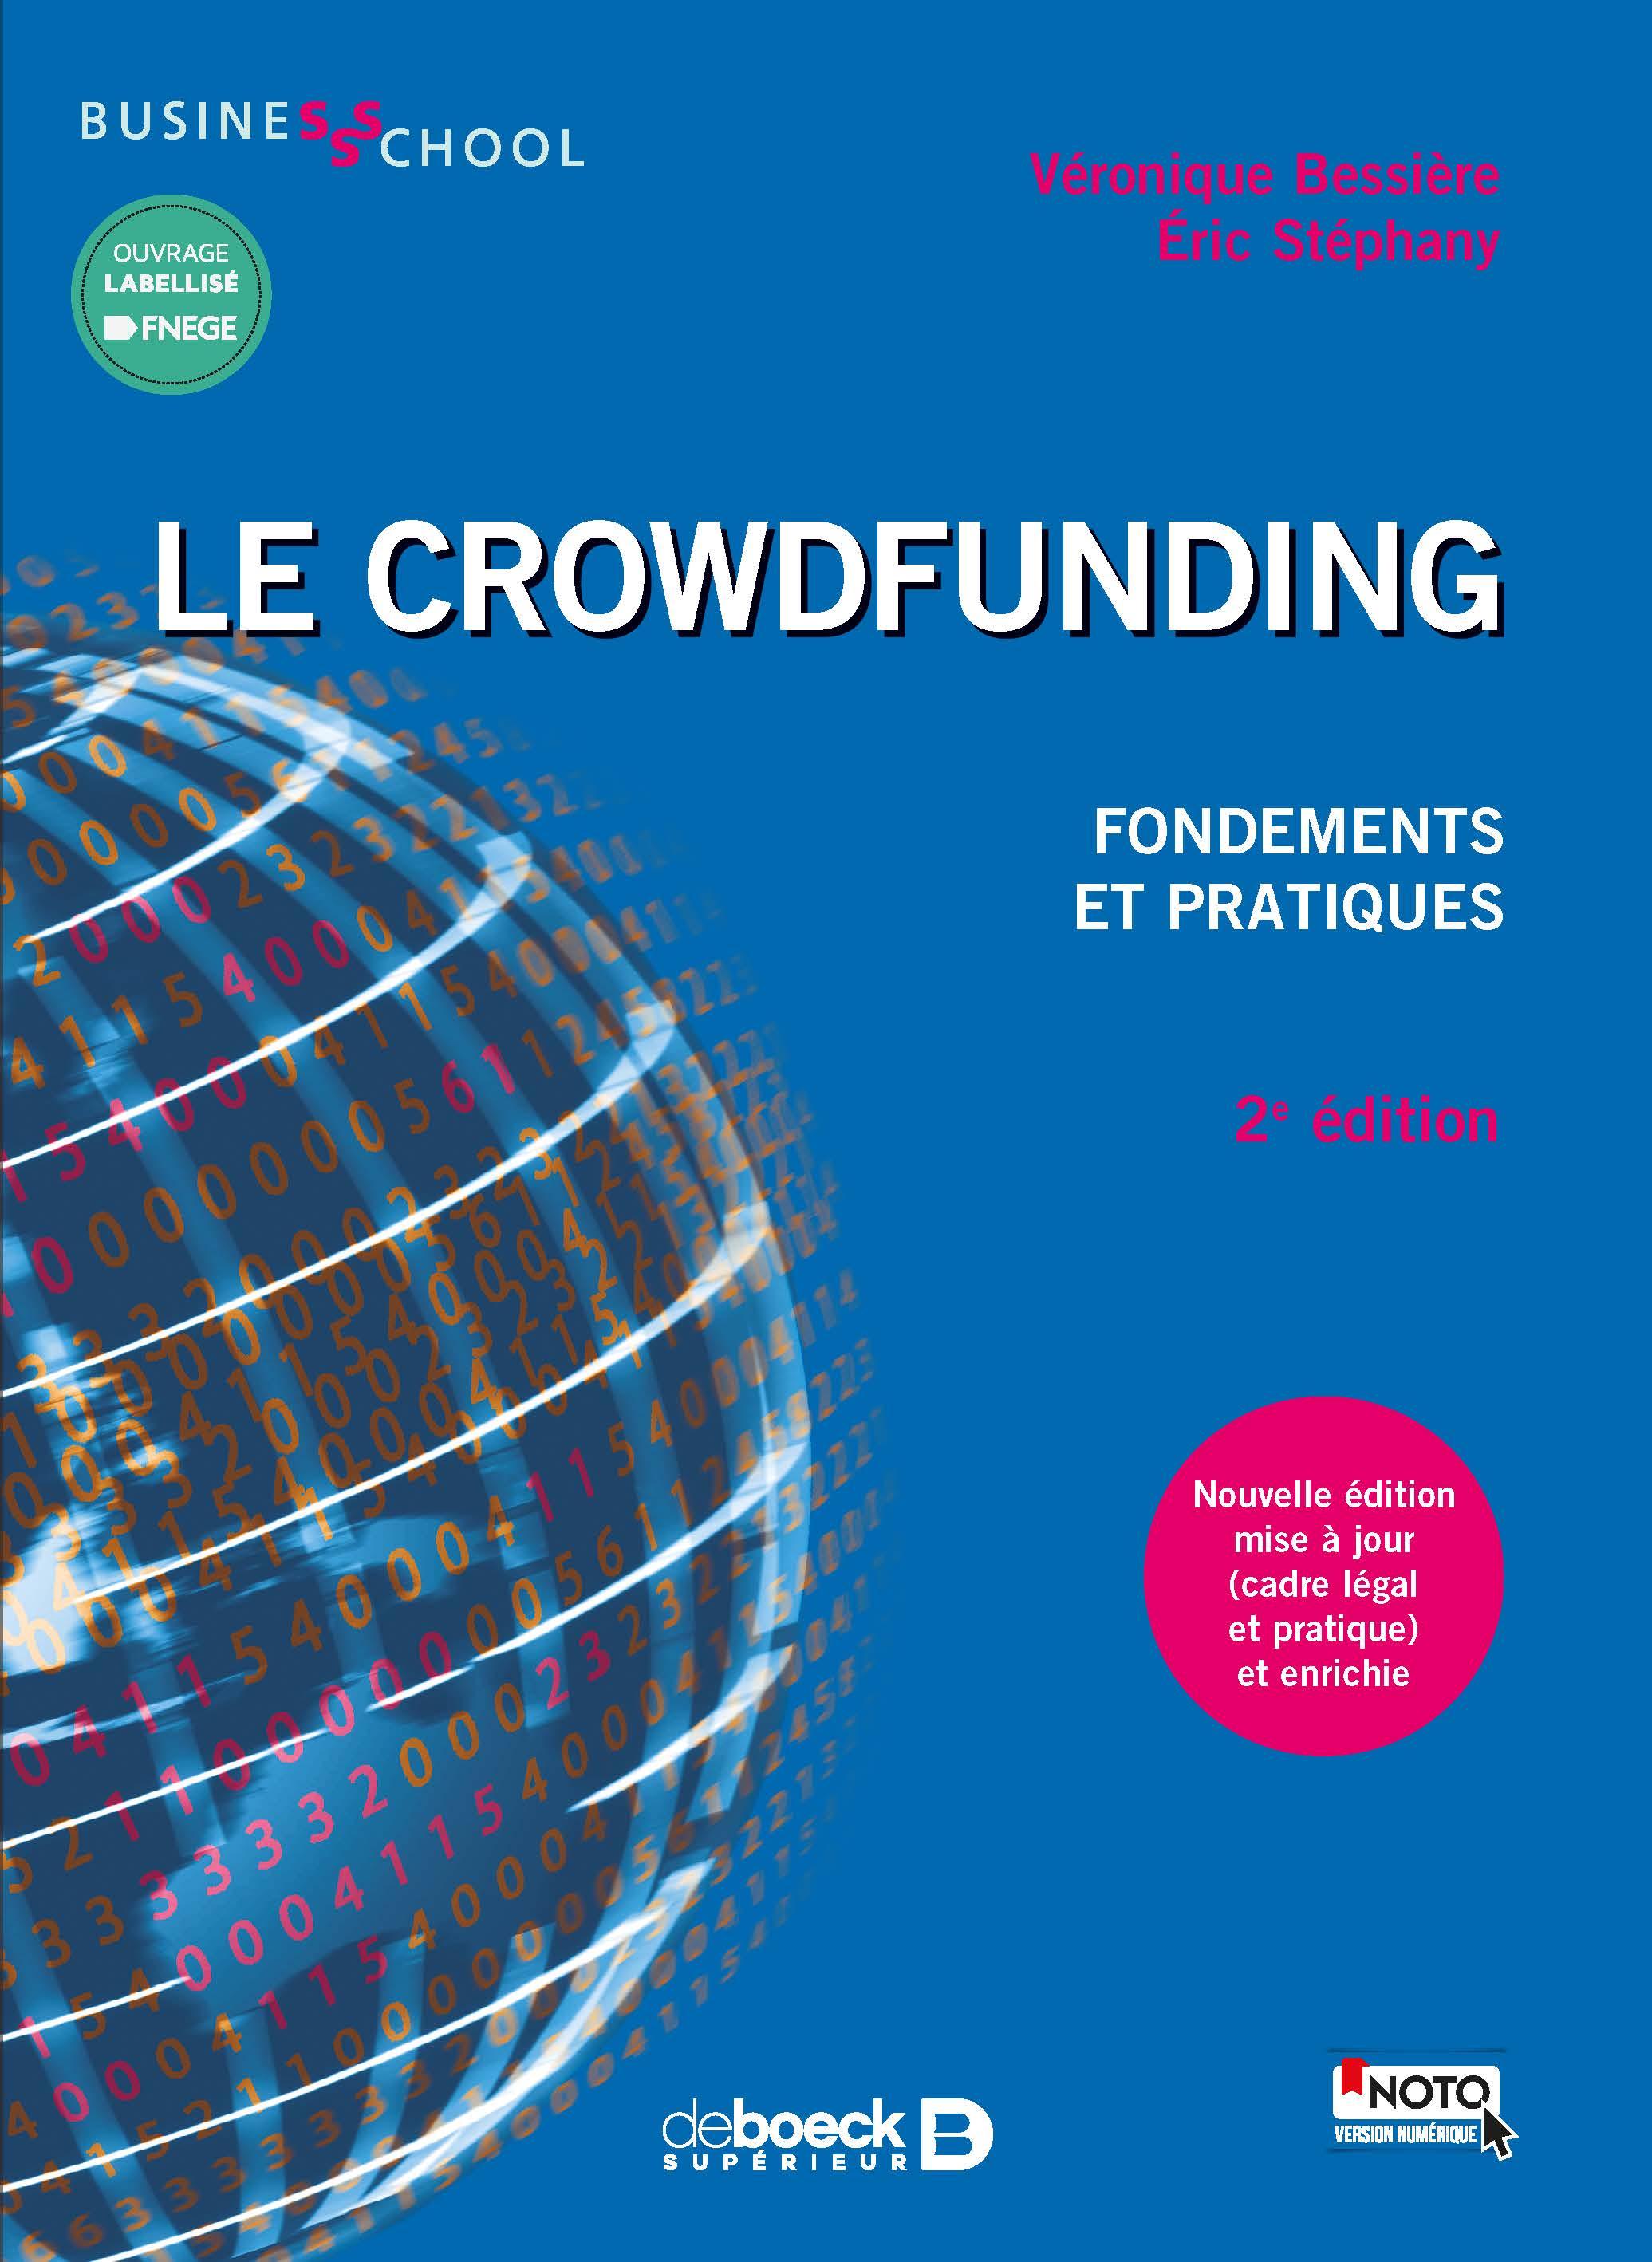 Le crowdfunding, fondements et pratiques